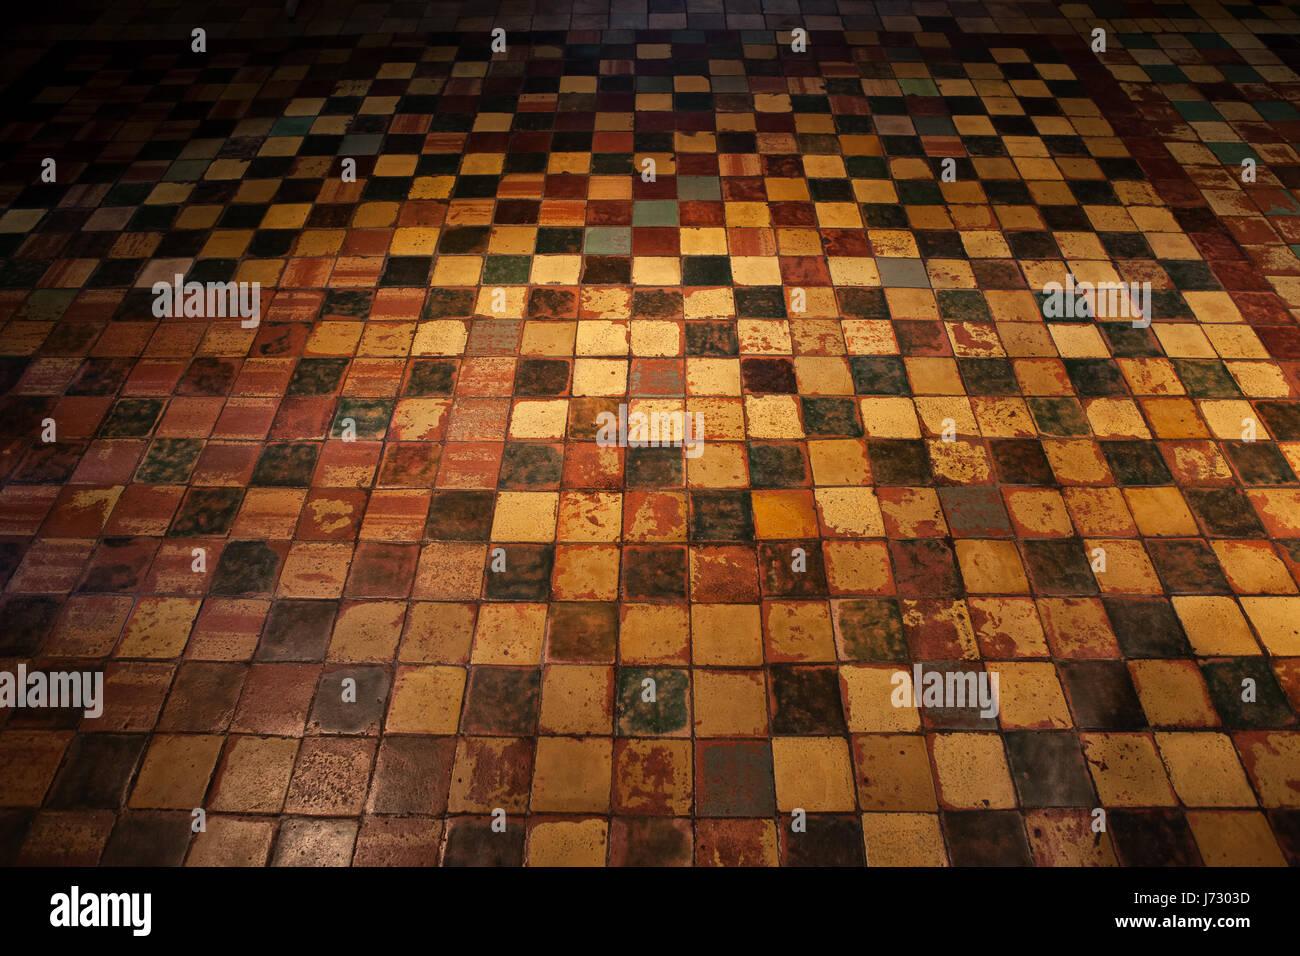 Fußboden Aus Polen ~ Grunge gruselig gruselige vintage gefliesten boden hintergrund aus